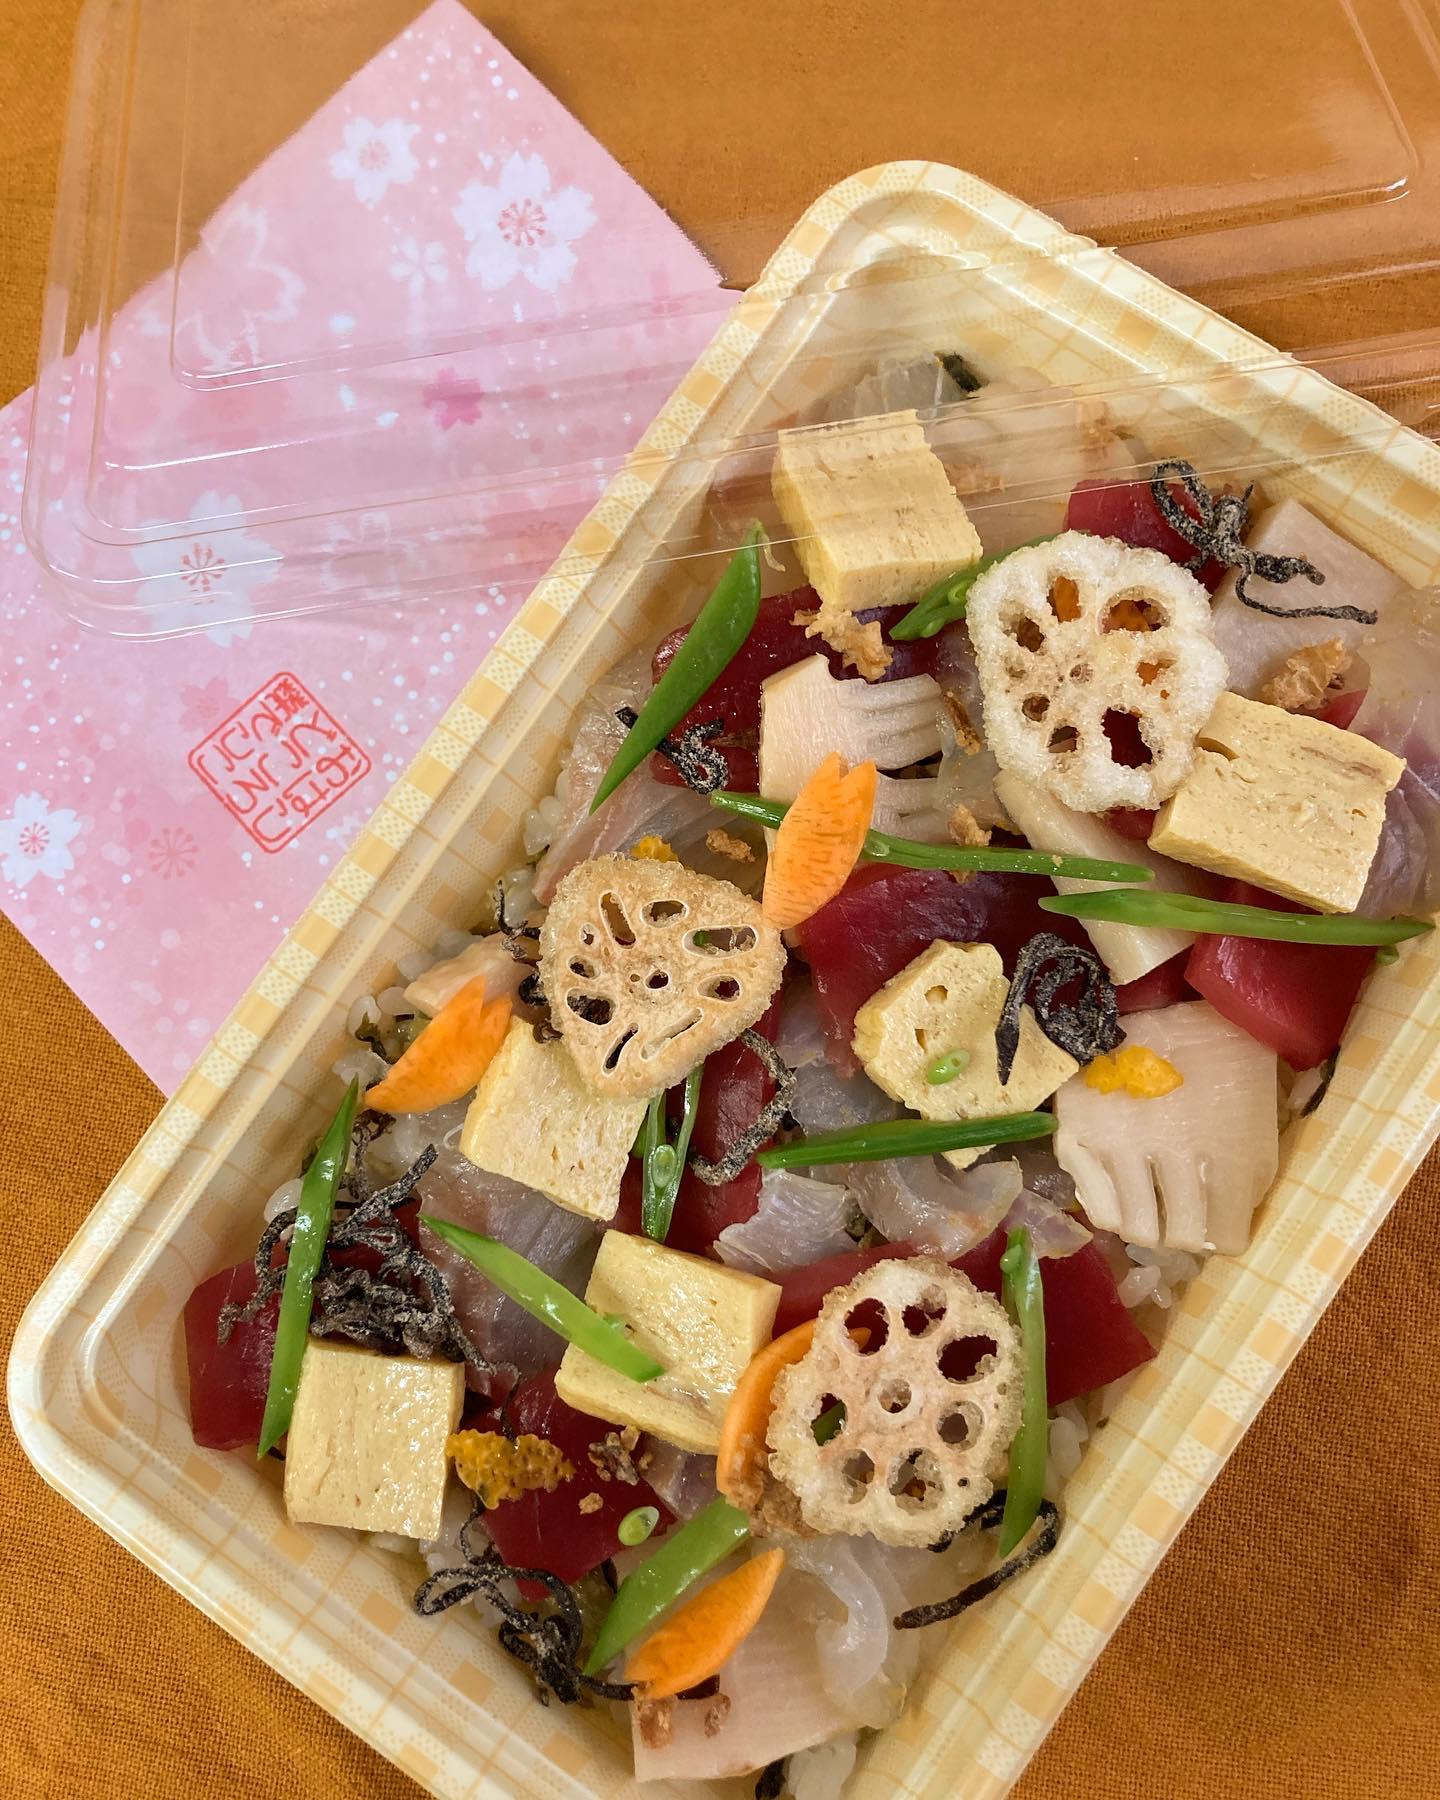 [おはしどころ菜でしこ] 〜桜鯛ゆず〆とマグロの贅沢ちらし寿司〜    ひな祭り限定の超豪華なちらし寿司️   旬の脂の乗った桜鯛を 柚子の香る昆布〆に🤤   マグロの赤と桜鯛の白の2色で 紅白を演出してみました    さらにシャリには 高菜炒めを混ぜ込み旨味と 食感をプラス   渾身の一品️  ご予約受け付けております   1個 1690円(+税) (白はまぐりと海老しんじょうのすまし汁付き)   ※3月2日までの20食限定販売です。     【埼玉県本庄駅徒歩30秒】 【月曜日定休】 【17:00〜20:00】 【17:00前のご来店は予約のみで可】 【お昼の和食コース有り🥢】 【インスタのメッセージ問合せ】    #本庄 #本庄和食 #本庄居酒屋 #ほんじょうテイクアウト #本庄海鮮居酒屋 #本庄一人飲み #本庄グルメ #本庄ディナー #本庄駅ディナー #本庄美味しい店 #本庄PayPay #おはしどころ菜でしこYouTube  #ちらし寿司 #ひな祭り